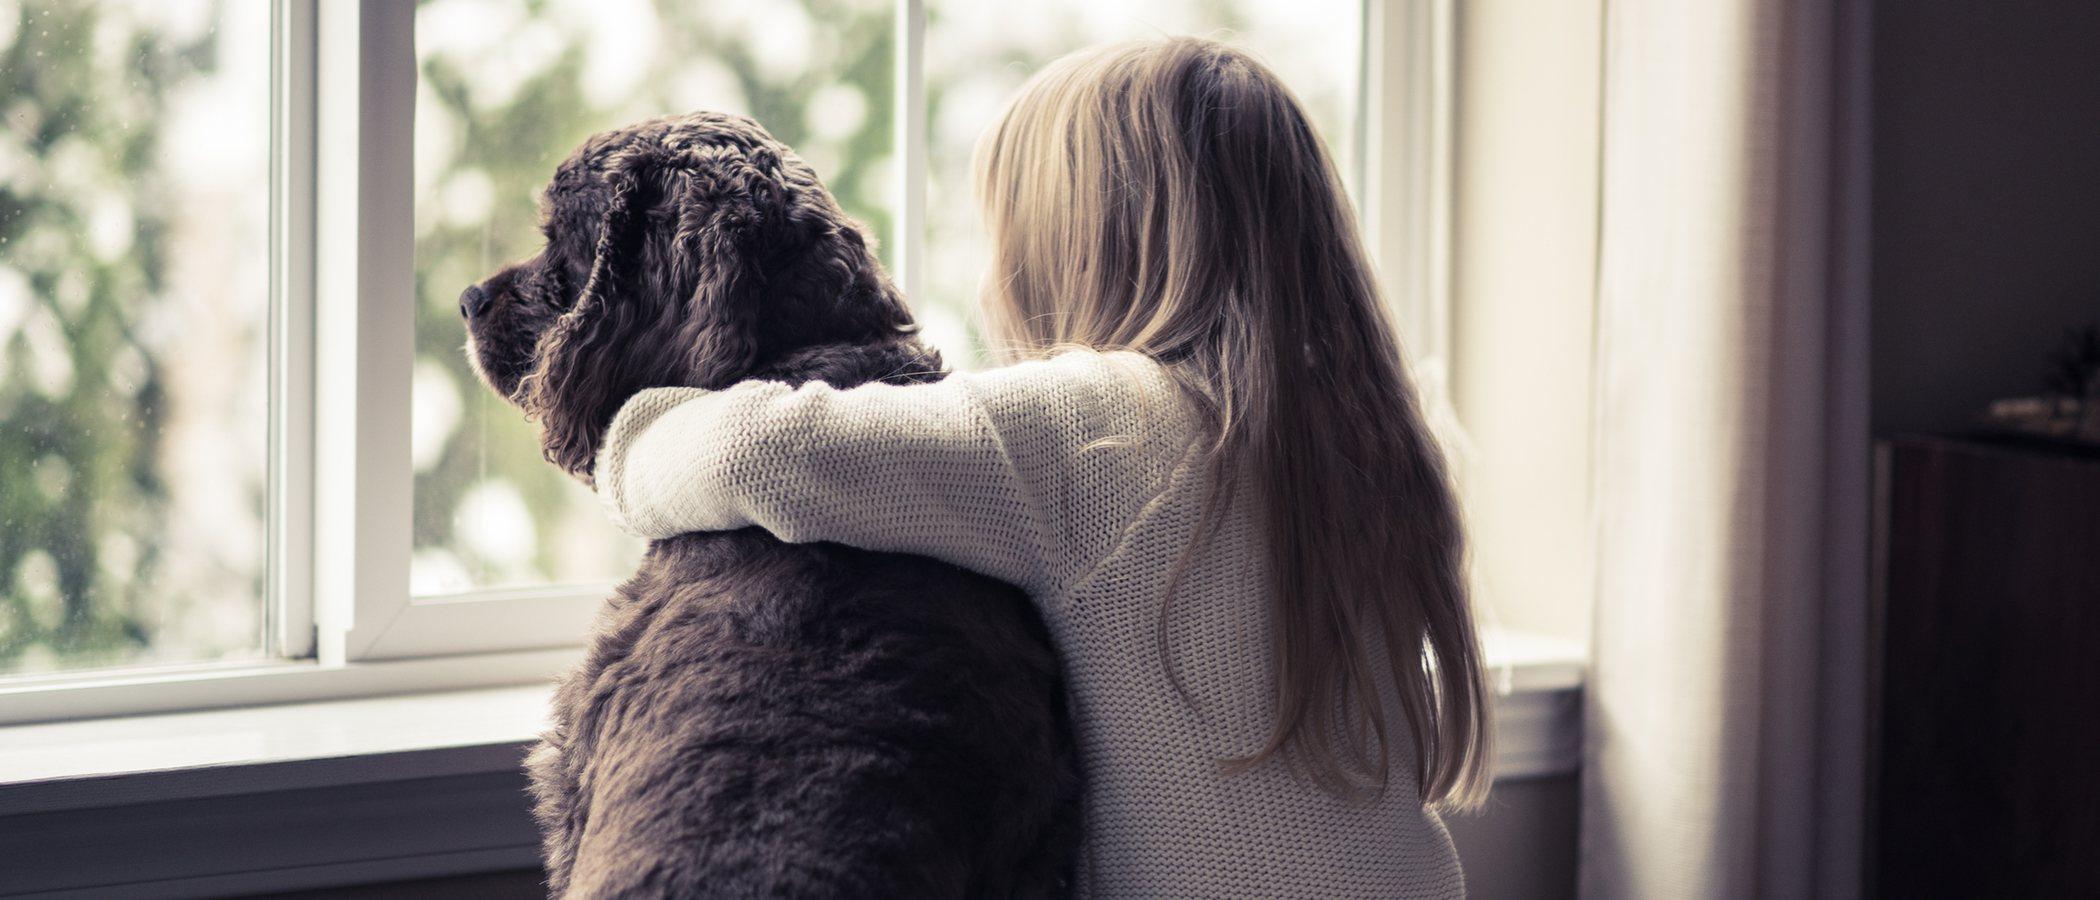 La adaptación de un perro adoptado a su nuevo hogar